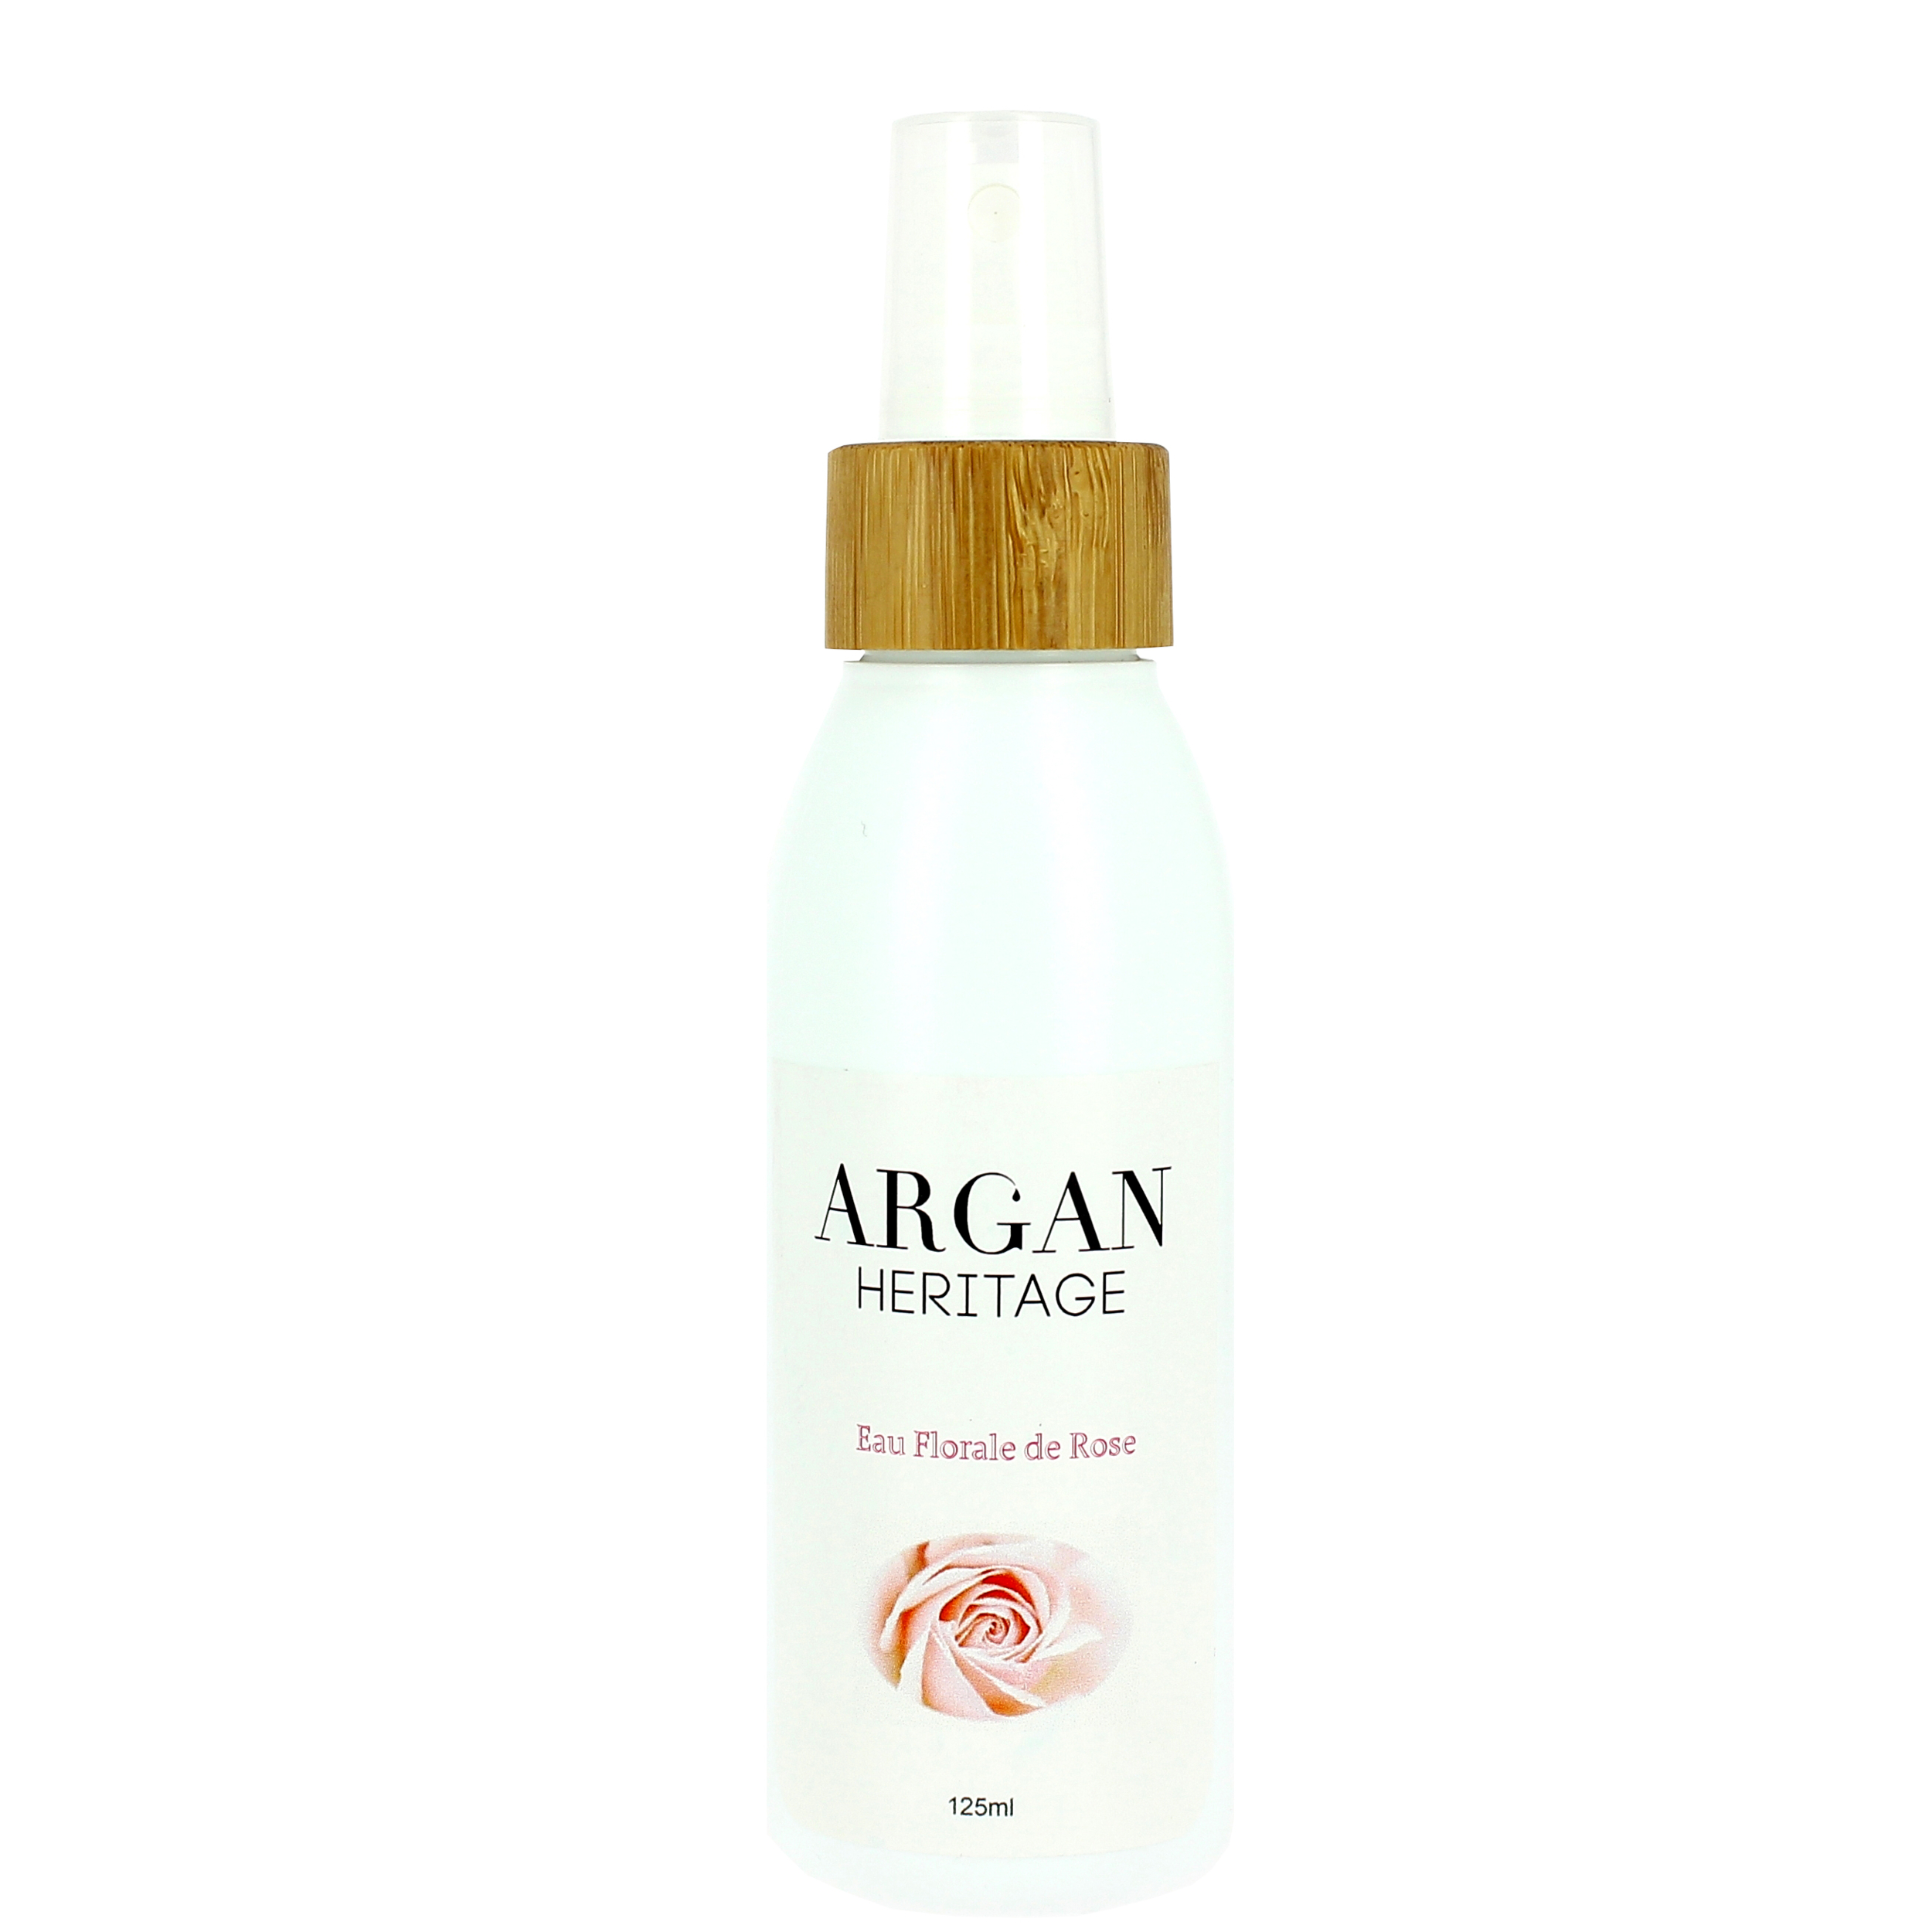 Doux-Good-Argan Héritage-Eau florale de rose